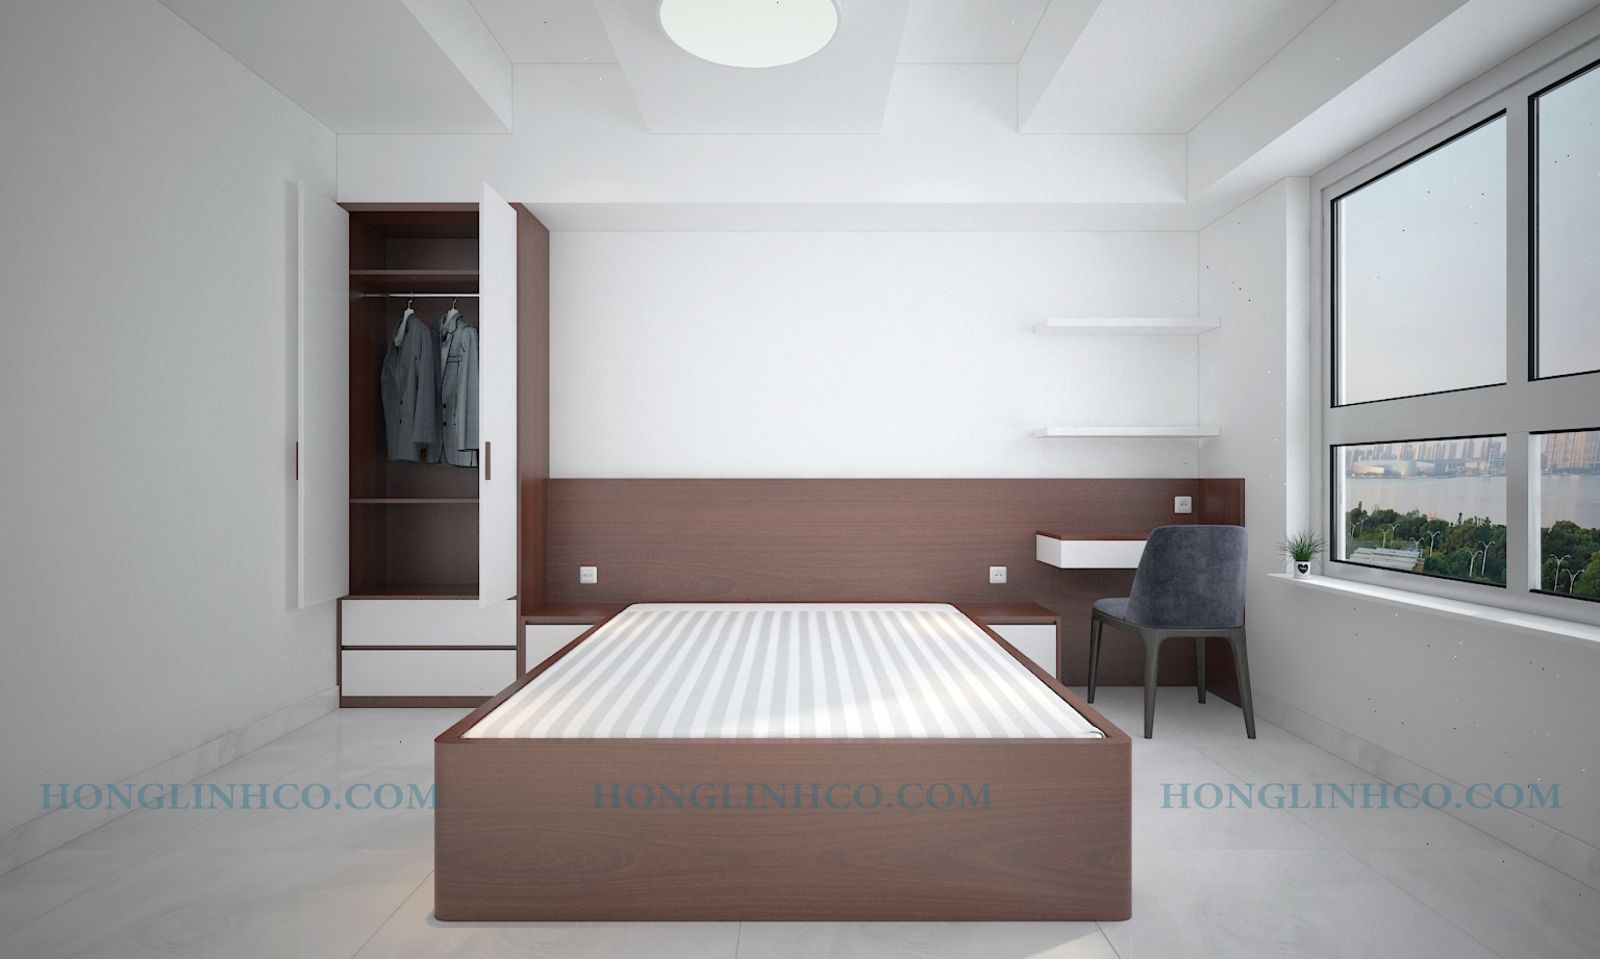 Căn hộ 3 phòng ngủ DRAGON HILL